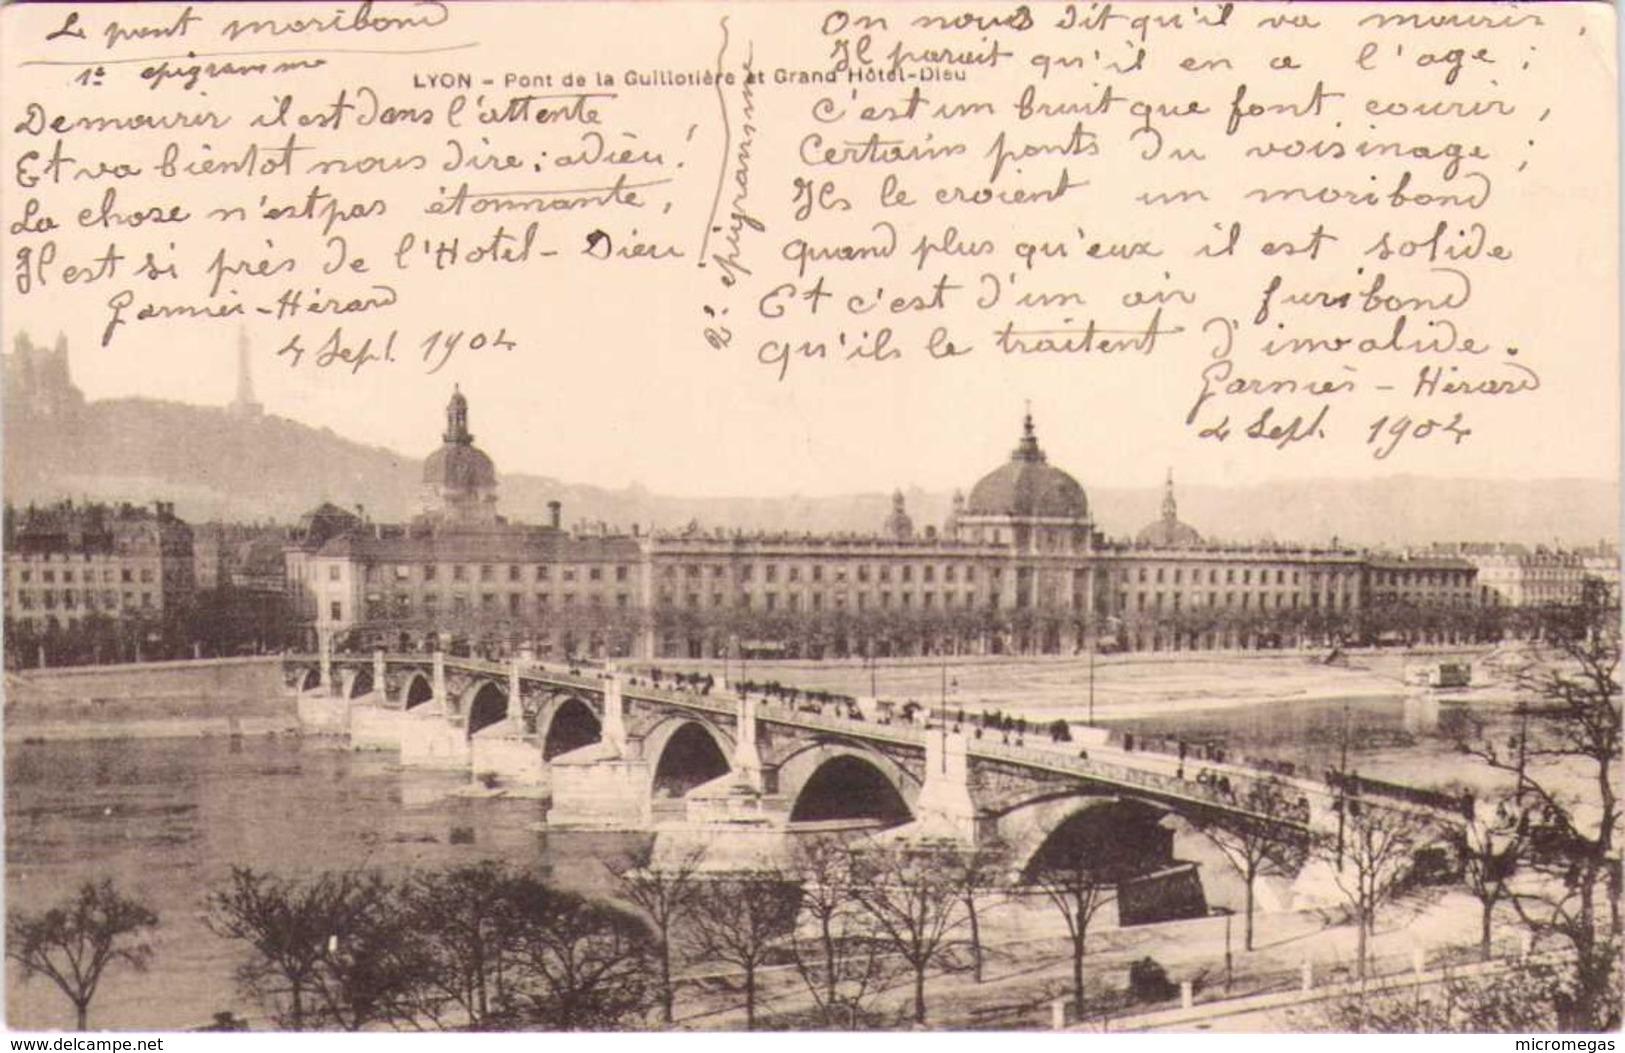 69 - LYON - Pont De La Guillotièrevet Grand Hôtel-Dieu - Sonstige